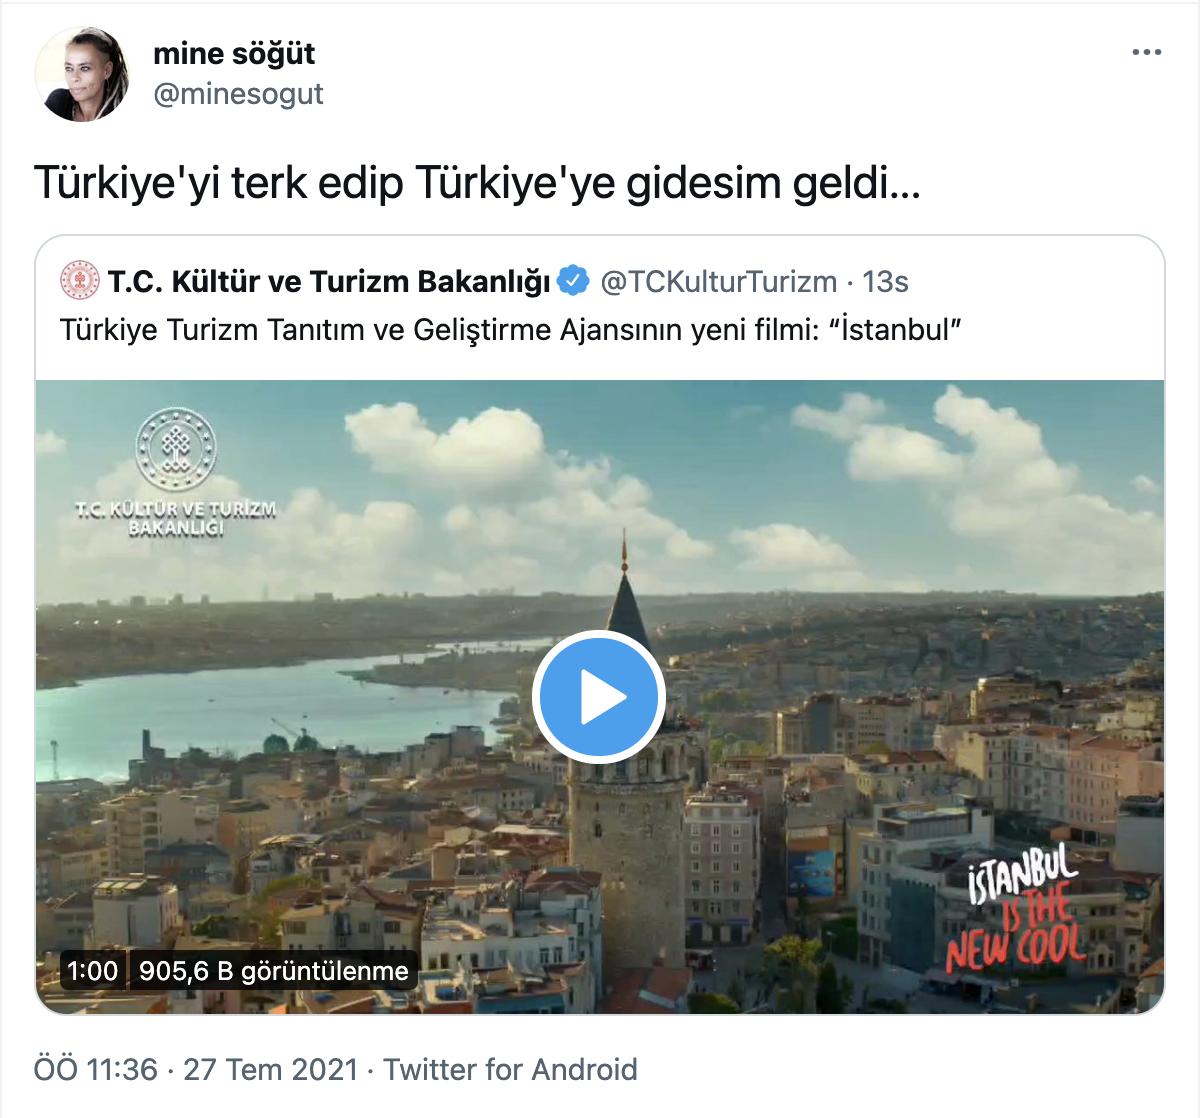 Turizm Bakanlığı'nın 'İstanbul' filmine tepki: Linçledikleri yaşam tarzıyla turistlere reklam yapıyorlar - Sayfa 3